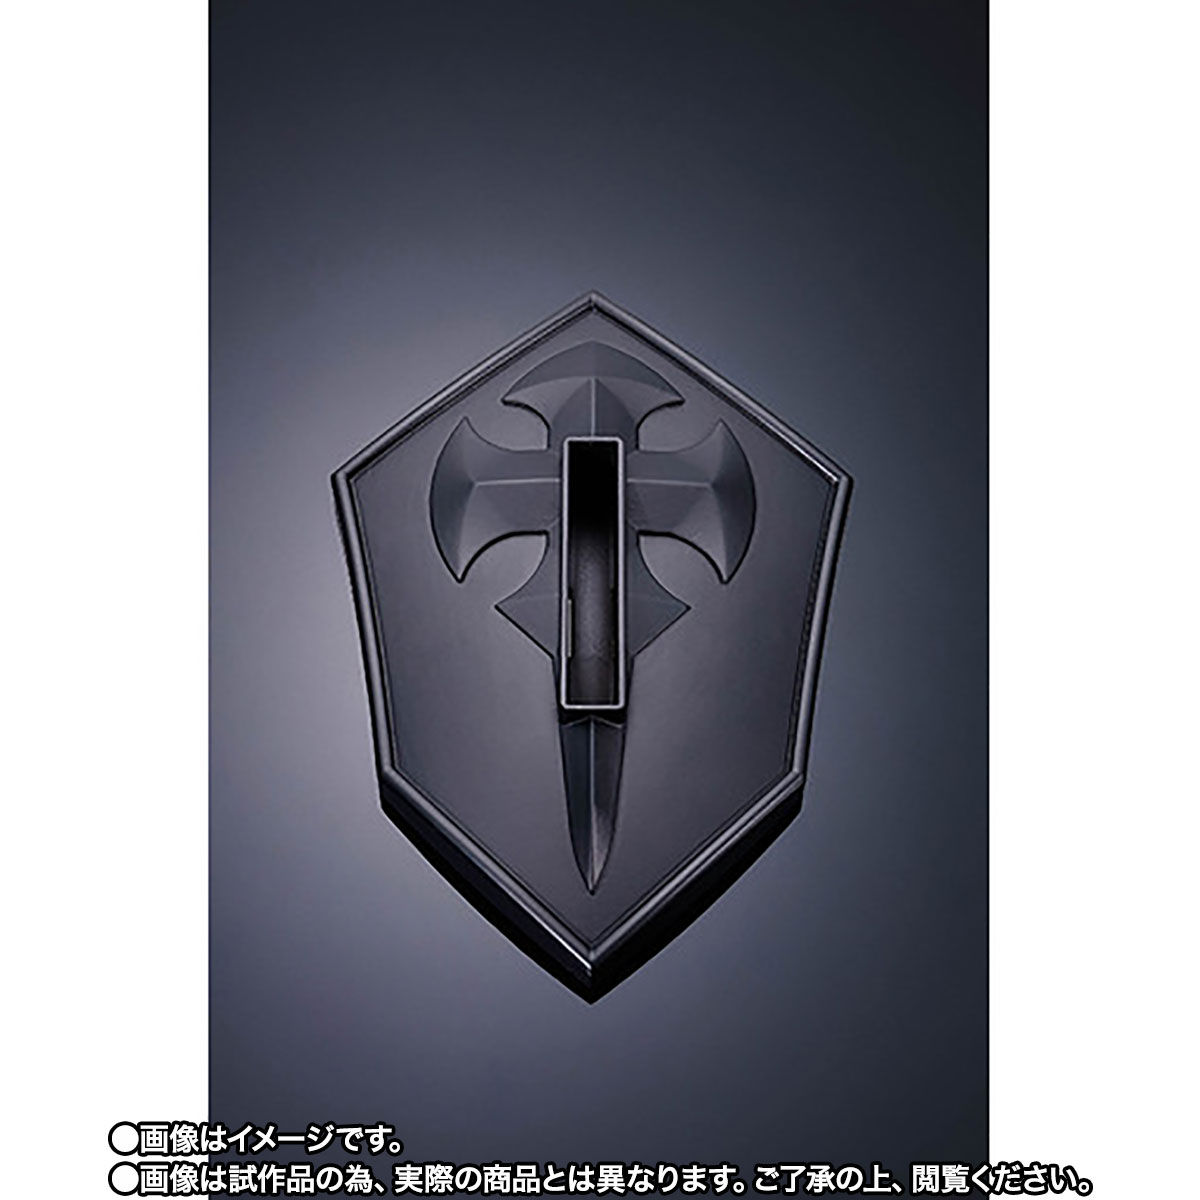 【限定販売】PROPLICA プロップリカ『青薔薇の剣』ソードアート・オンライン 変身なりきり-008